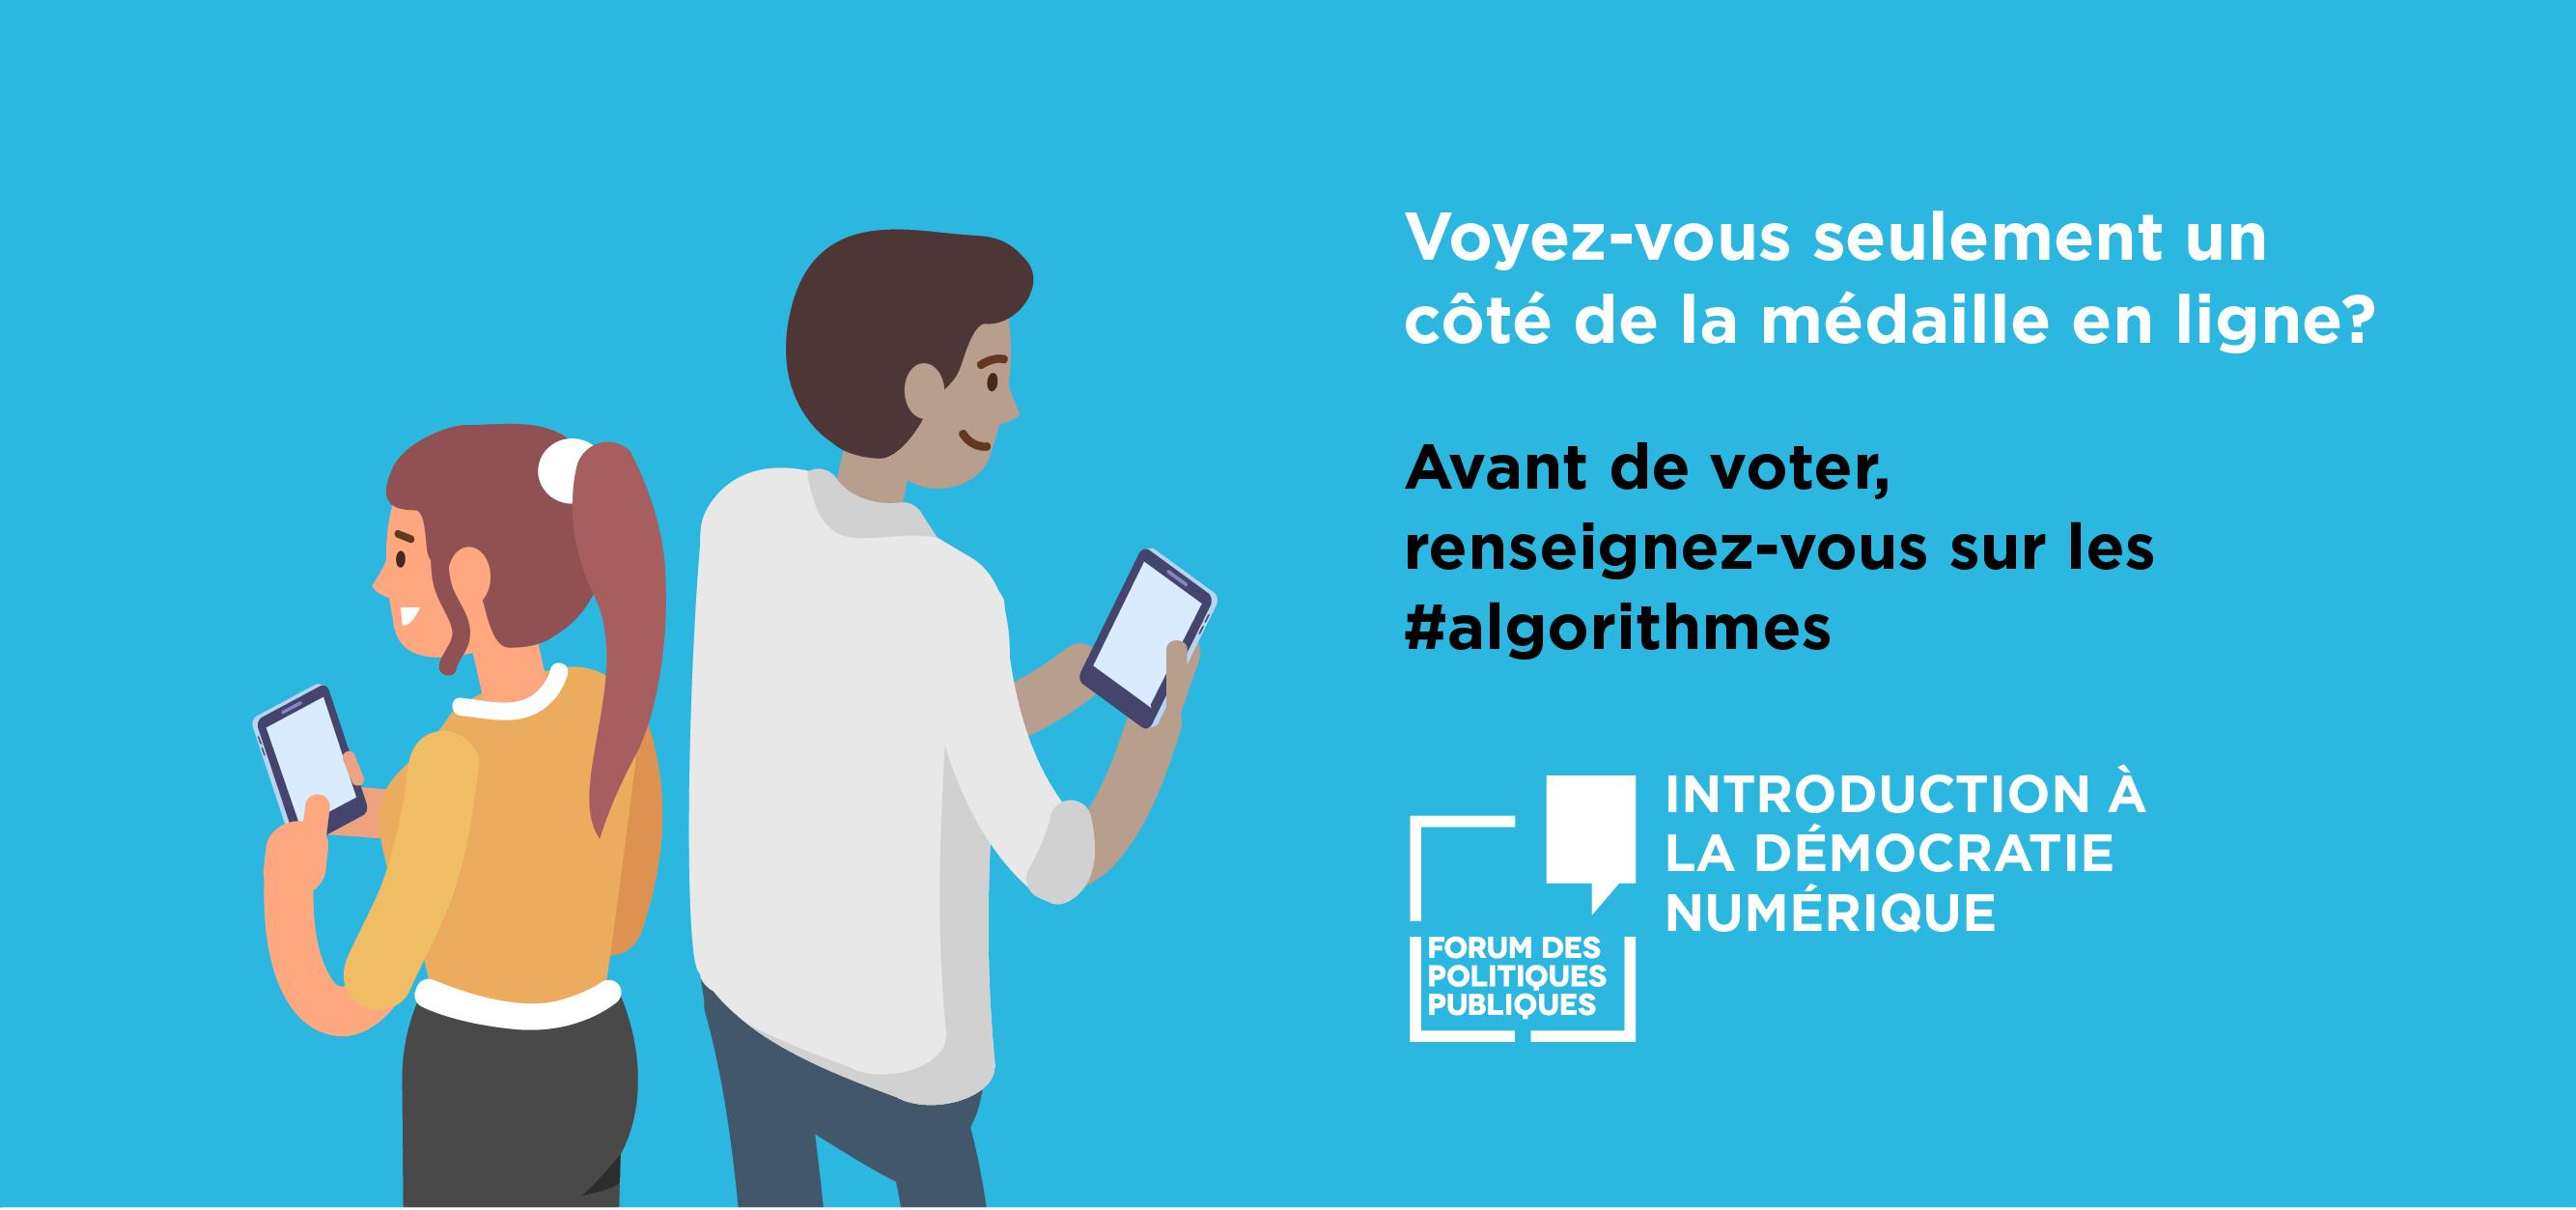 Introduction à la démocratie numérique : comprendre les répercussions de l'intelligence artificielle sur la démocratie canadienne